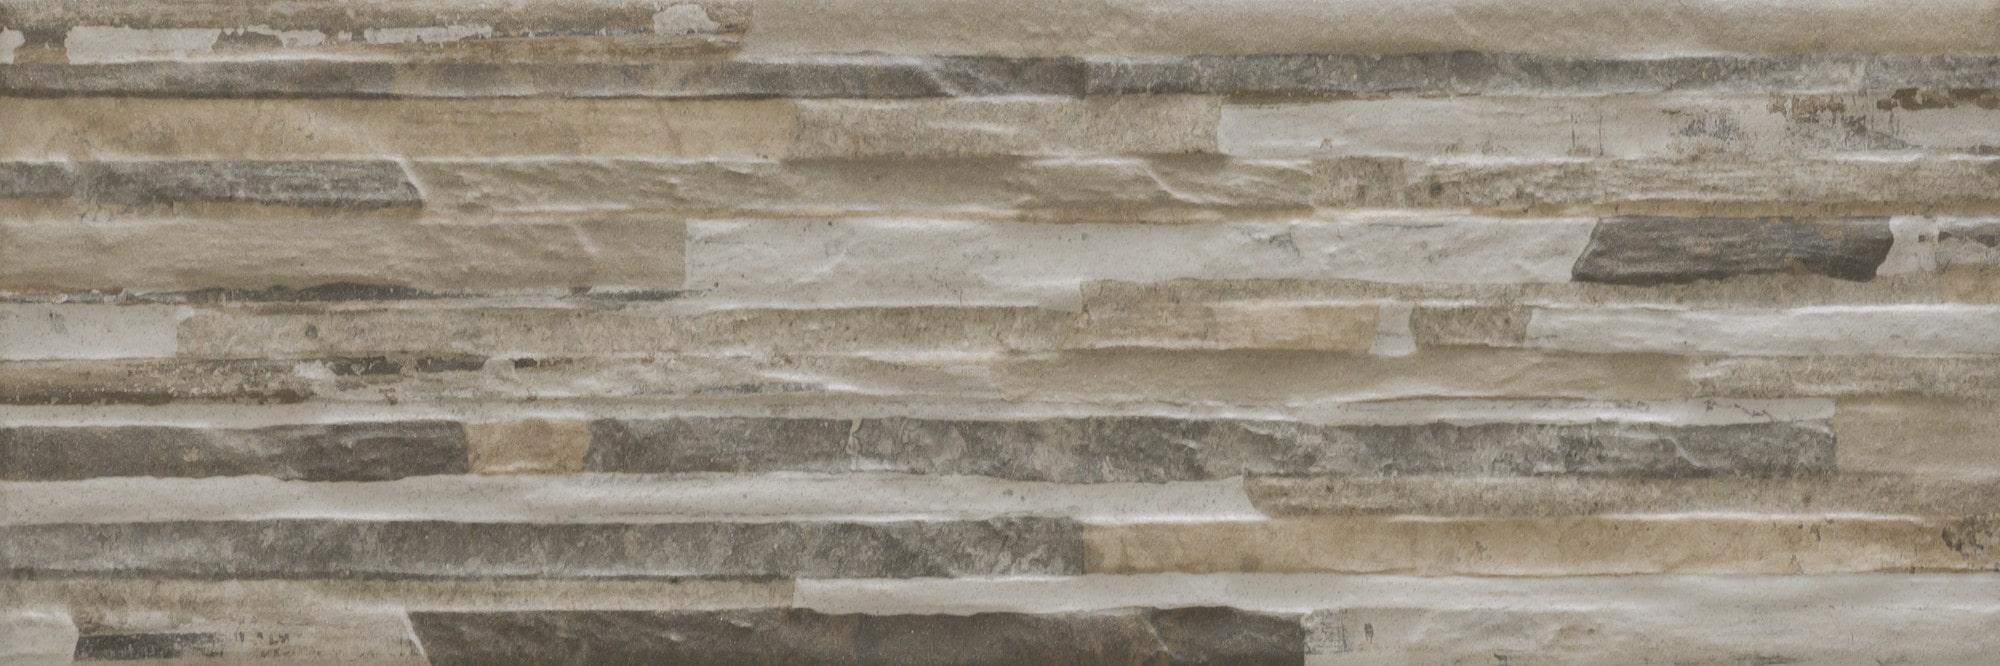 Płytka elewacyjna Cerrad Kamień Rockford Forest 450x150x9mm 12792